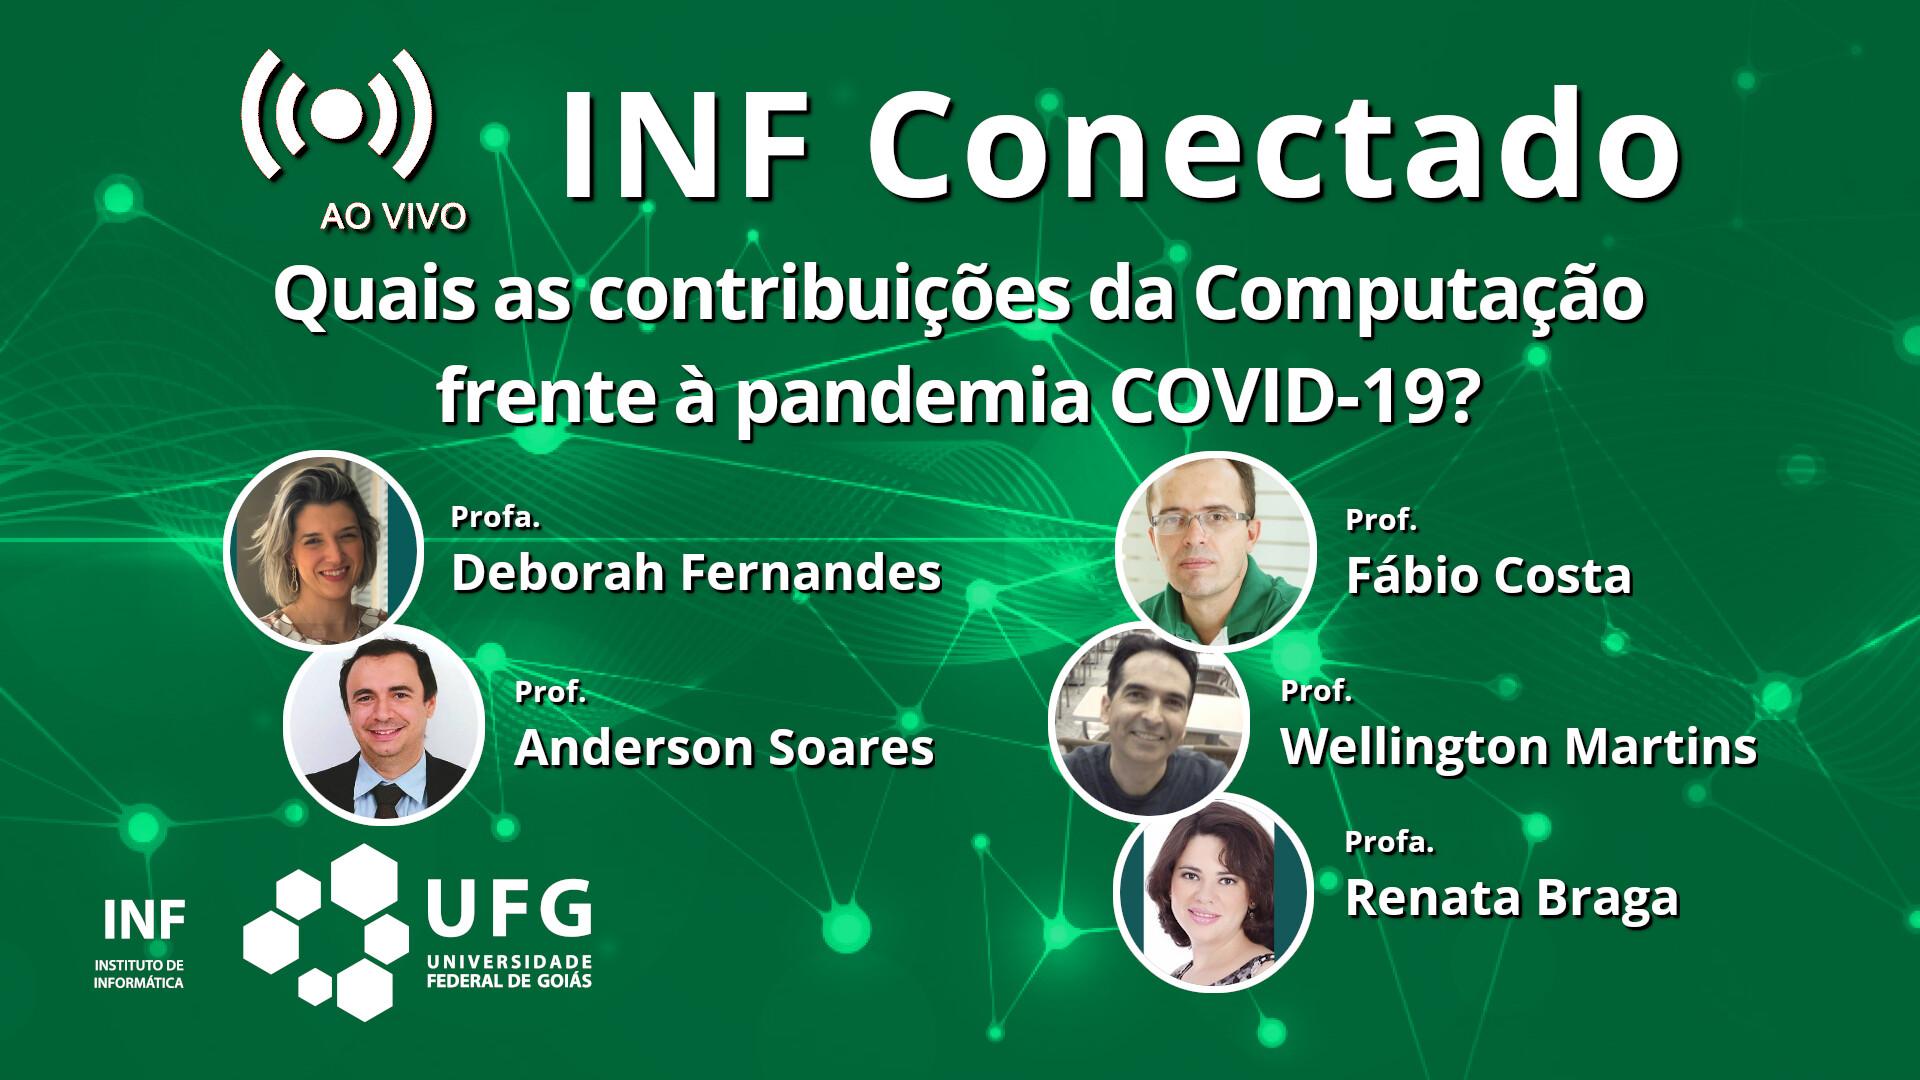 INF Conectado - YouTube - 03